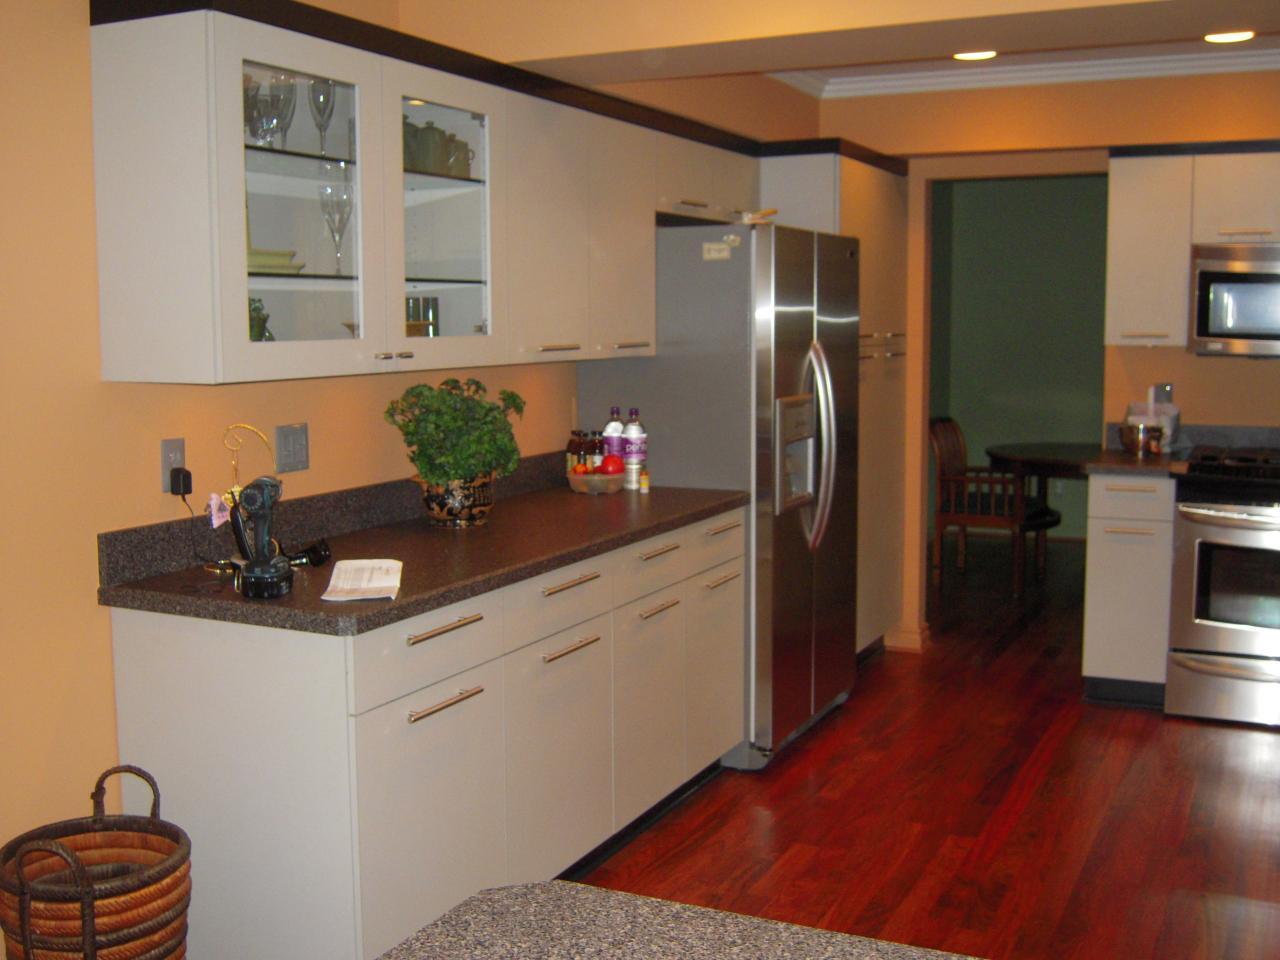 elegant-remodeling-en-lille-køkken-med-små-køkken-remodel-make-åben-for-små-køkken-remodel-ideer